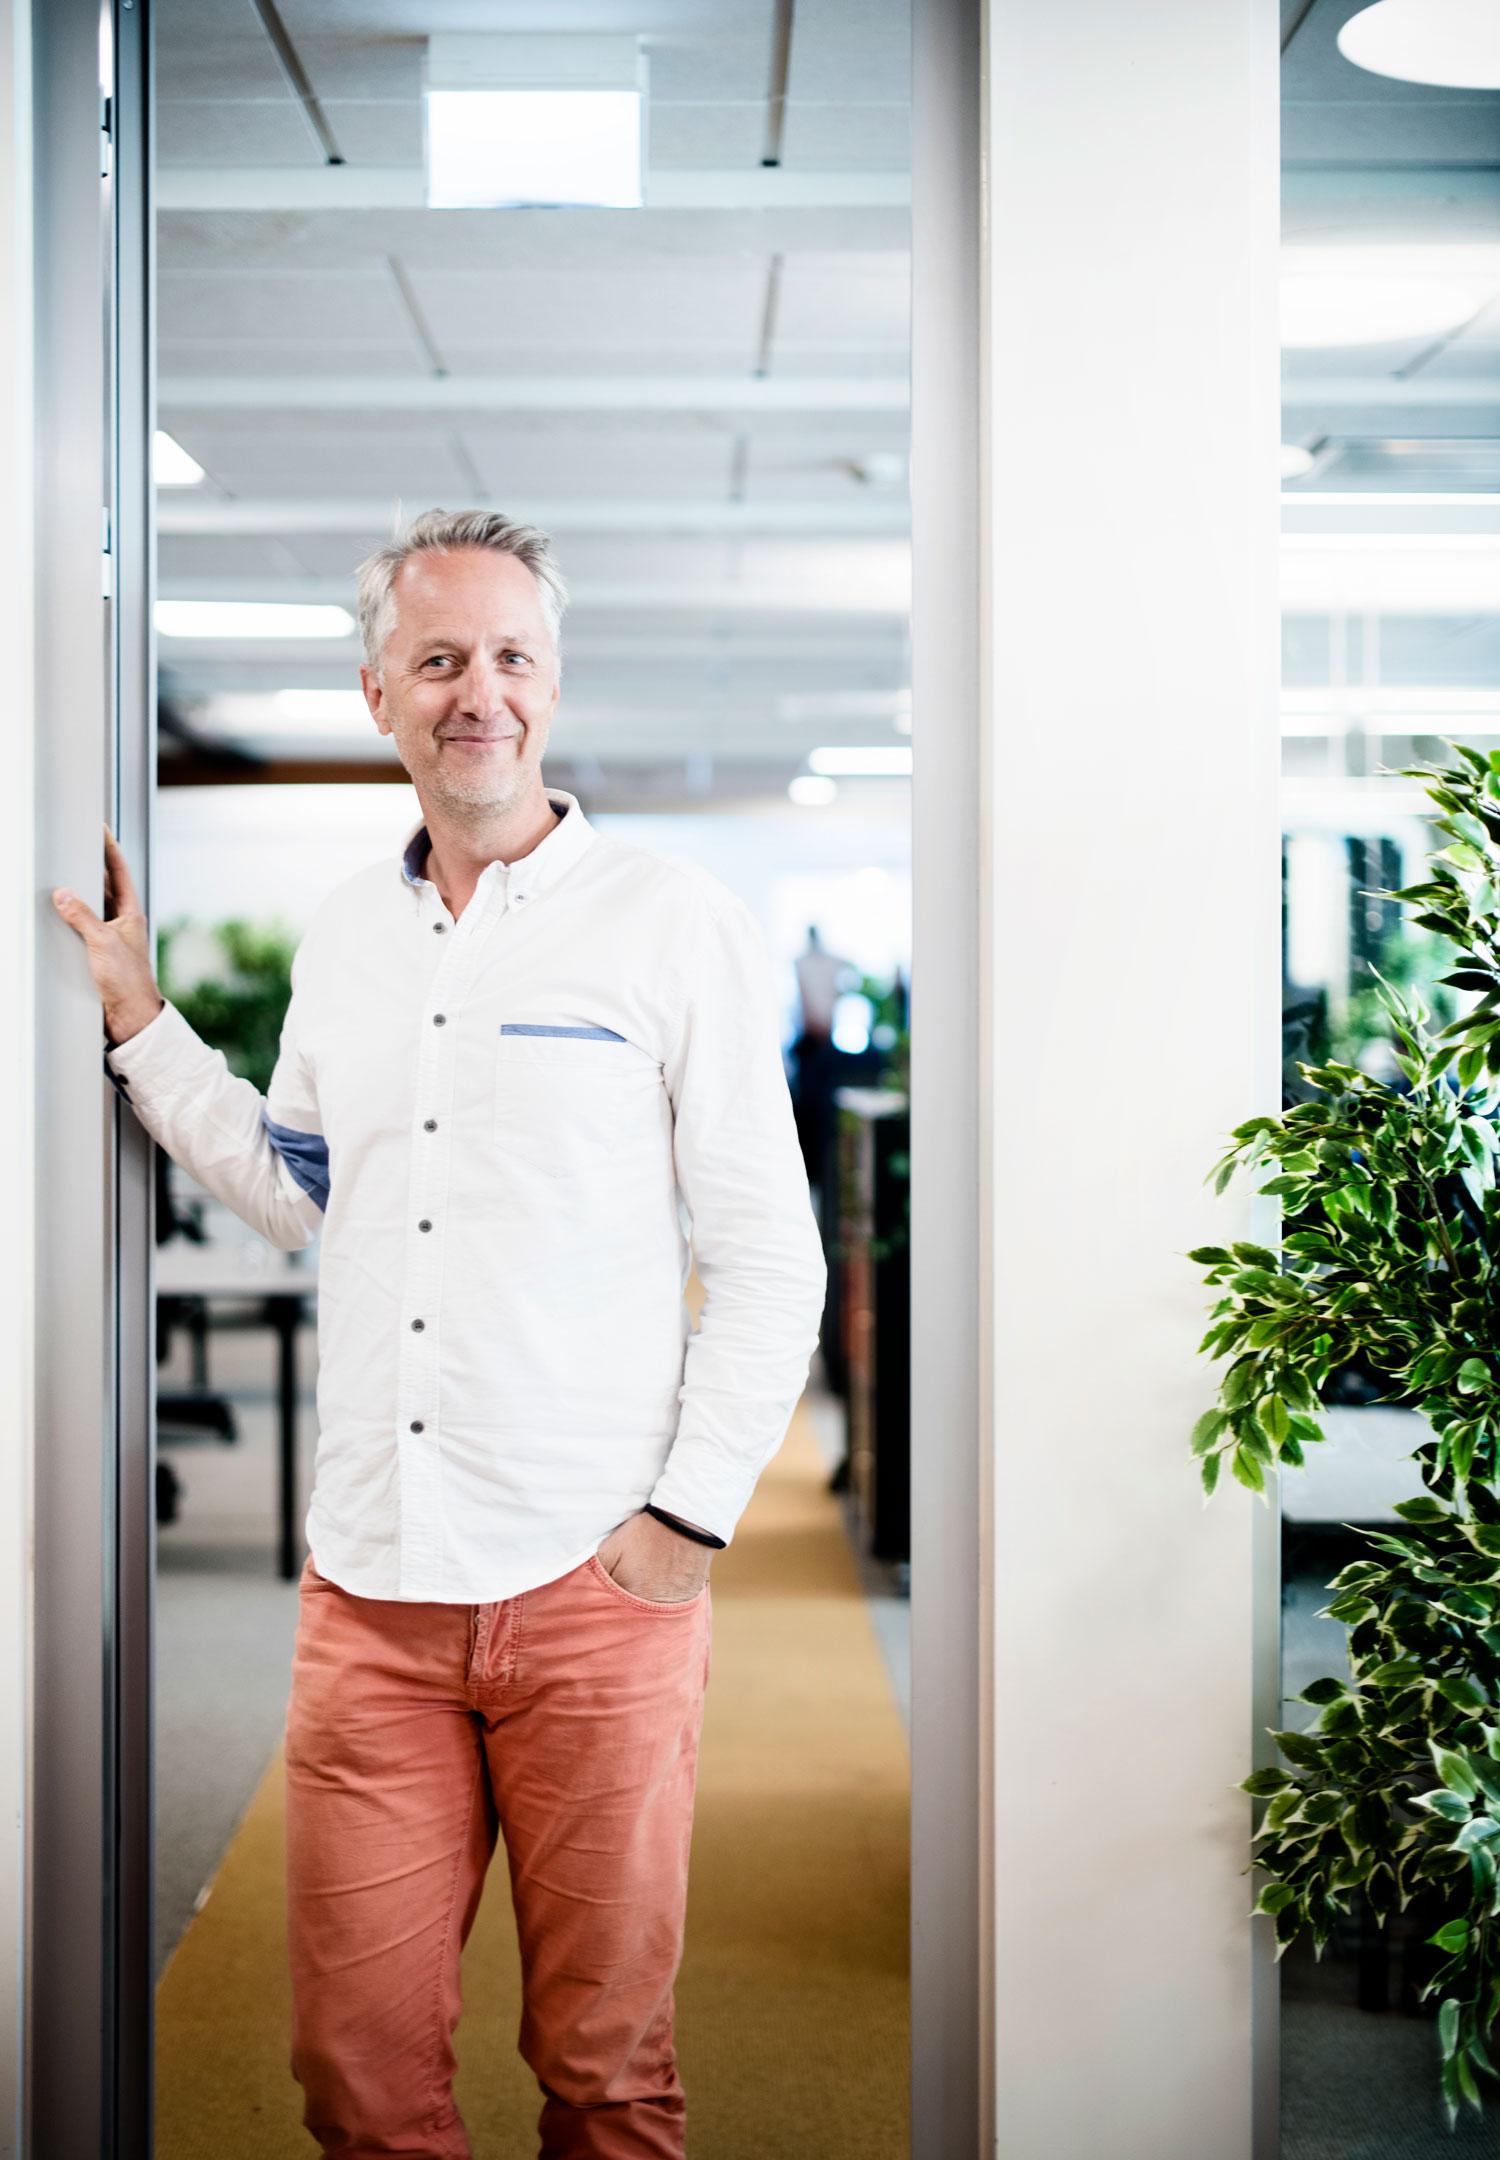 VERDENSPERSPEKTIV: Gjennom å investere i tech-startups som ønsker å bidra til et bedre samfunn, enten det er for utdanning, helse eller miljø, håper Anders H. Lier at han kan være med på å gjøre verden til et bedre sted for alle.